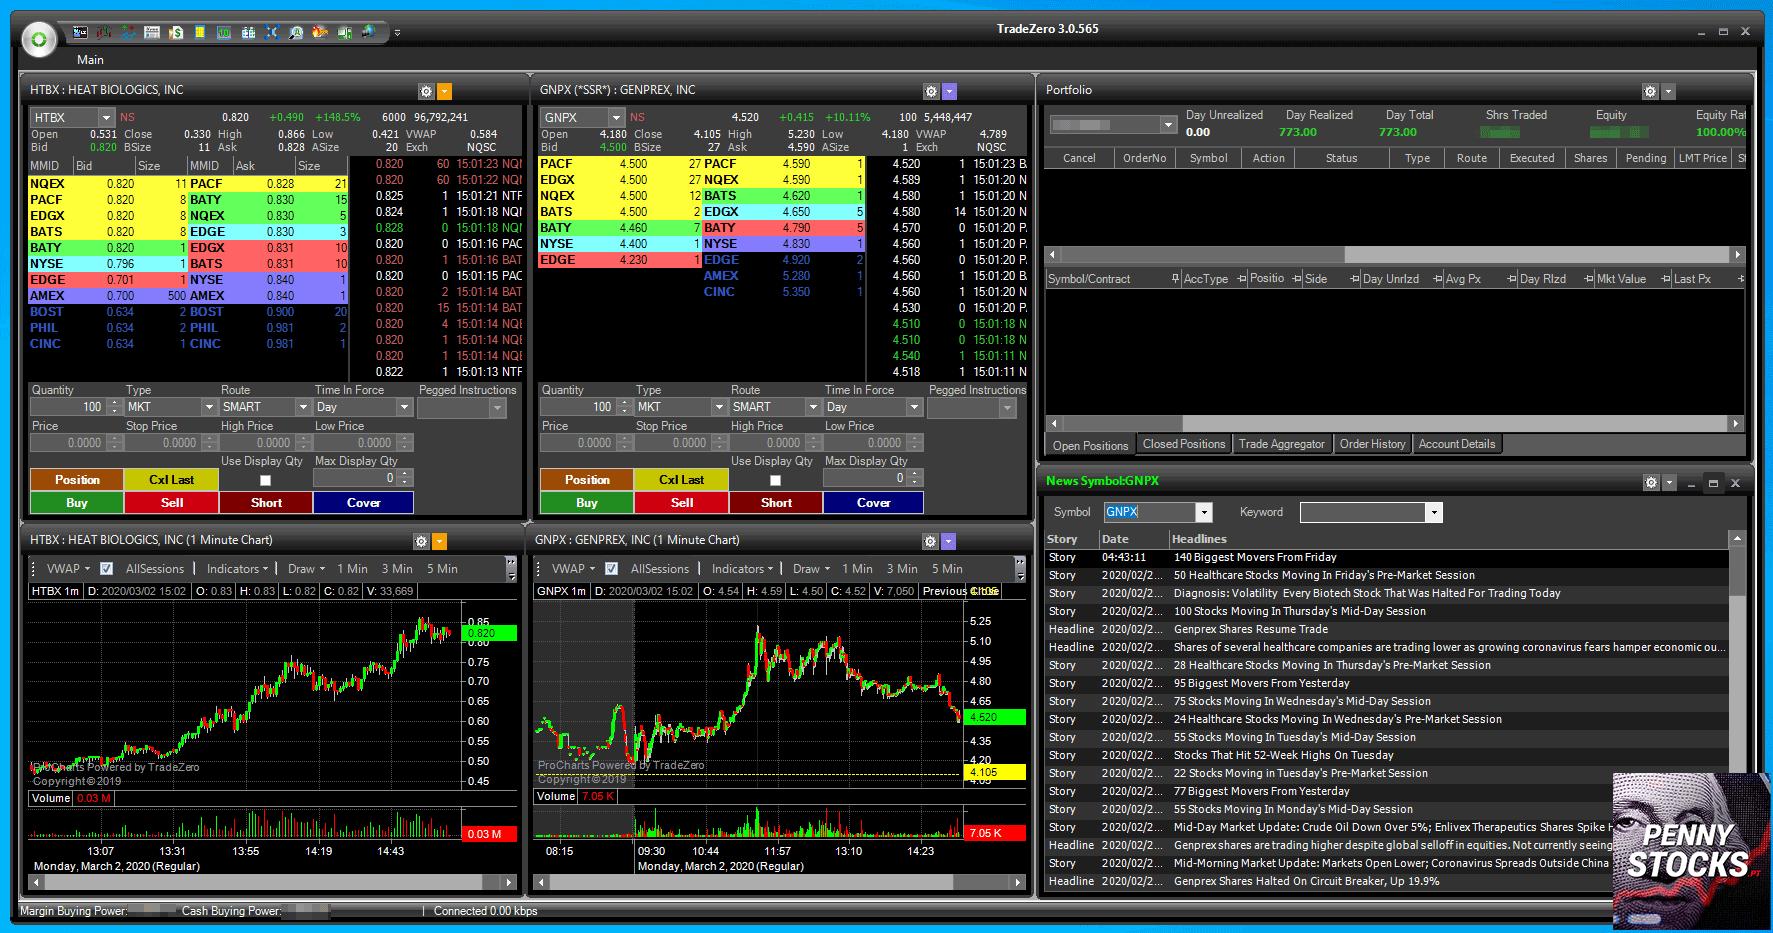 Plataforma de trading ZeroPro da corretora TRADEZERO